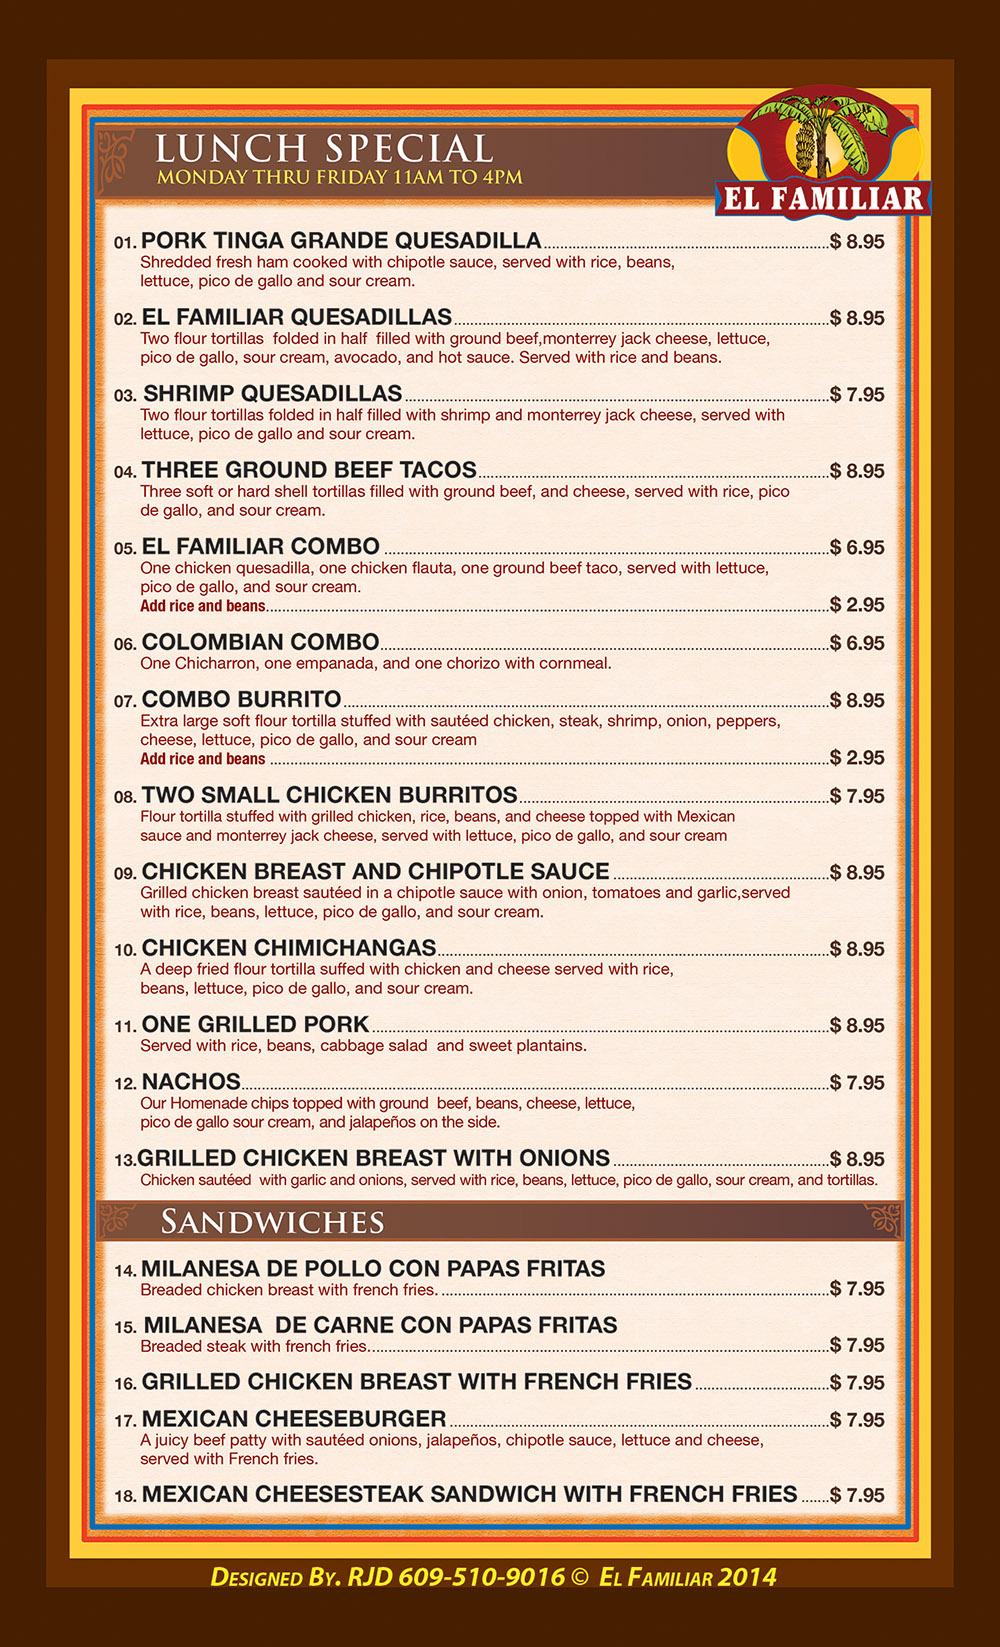 El Familiar Lunch Menu page 2